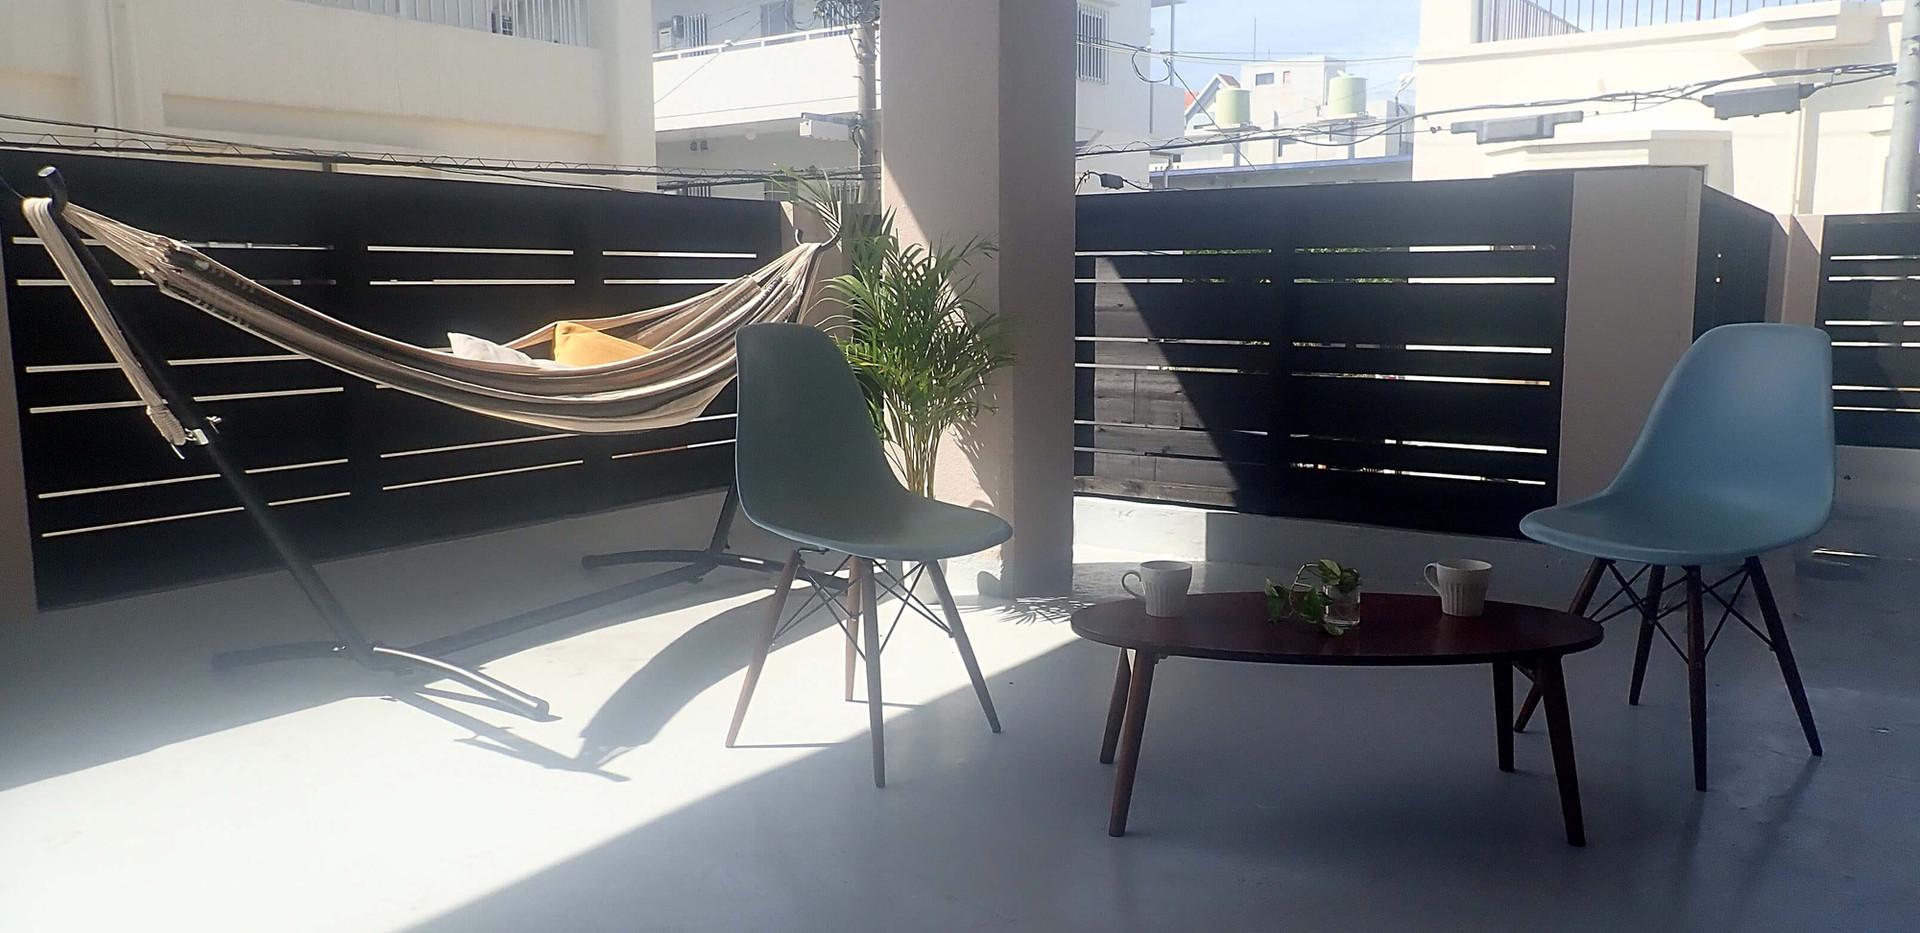 バルコニーにあるハンモックでゆっくりしたり、ゆっくりお茶したり。将来はここで卓球もできる様にする予定です。 Laying in the hammock is my favorite.